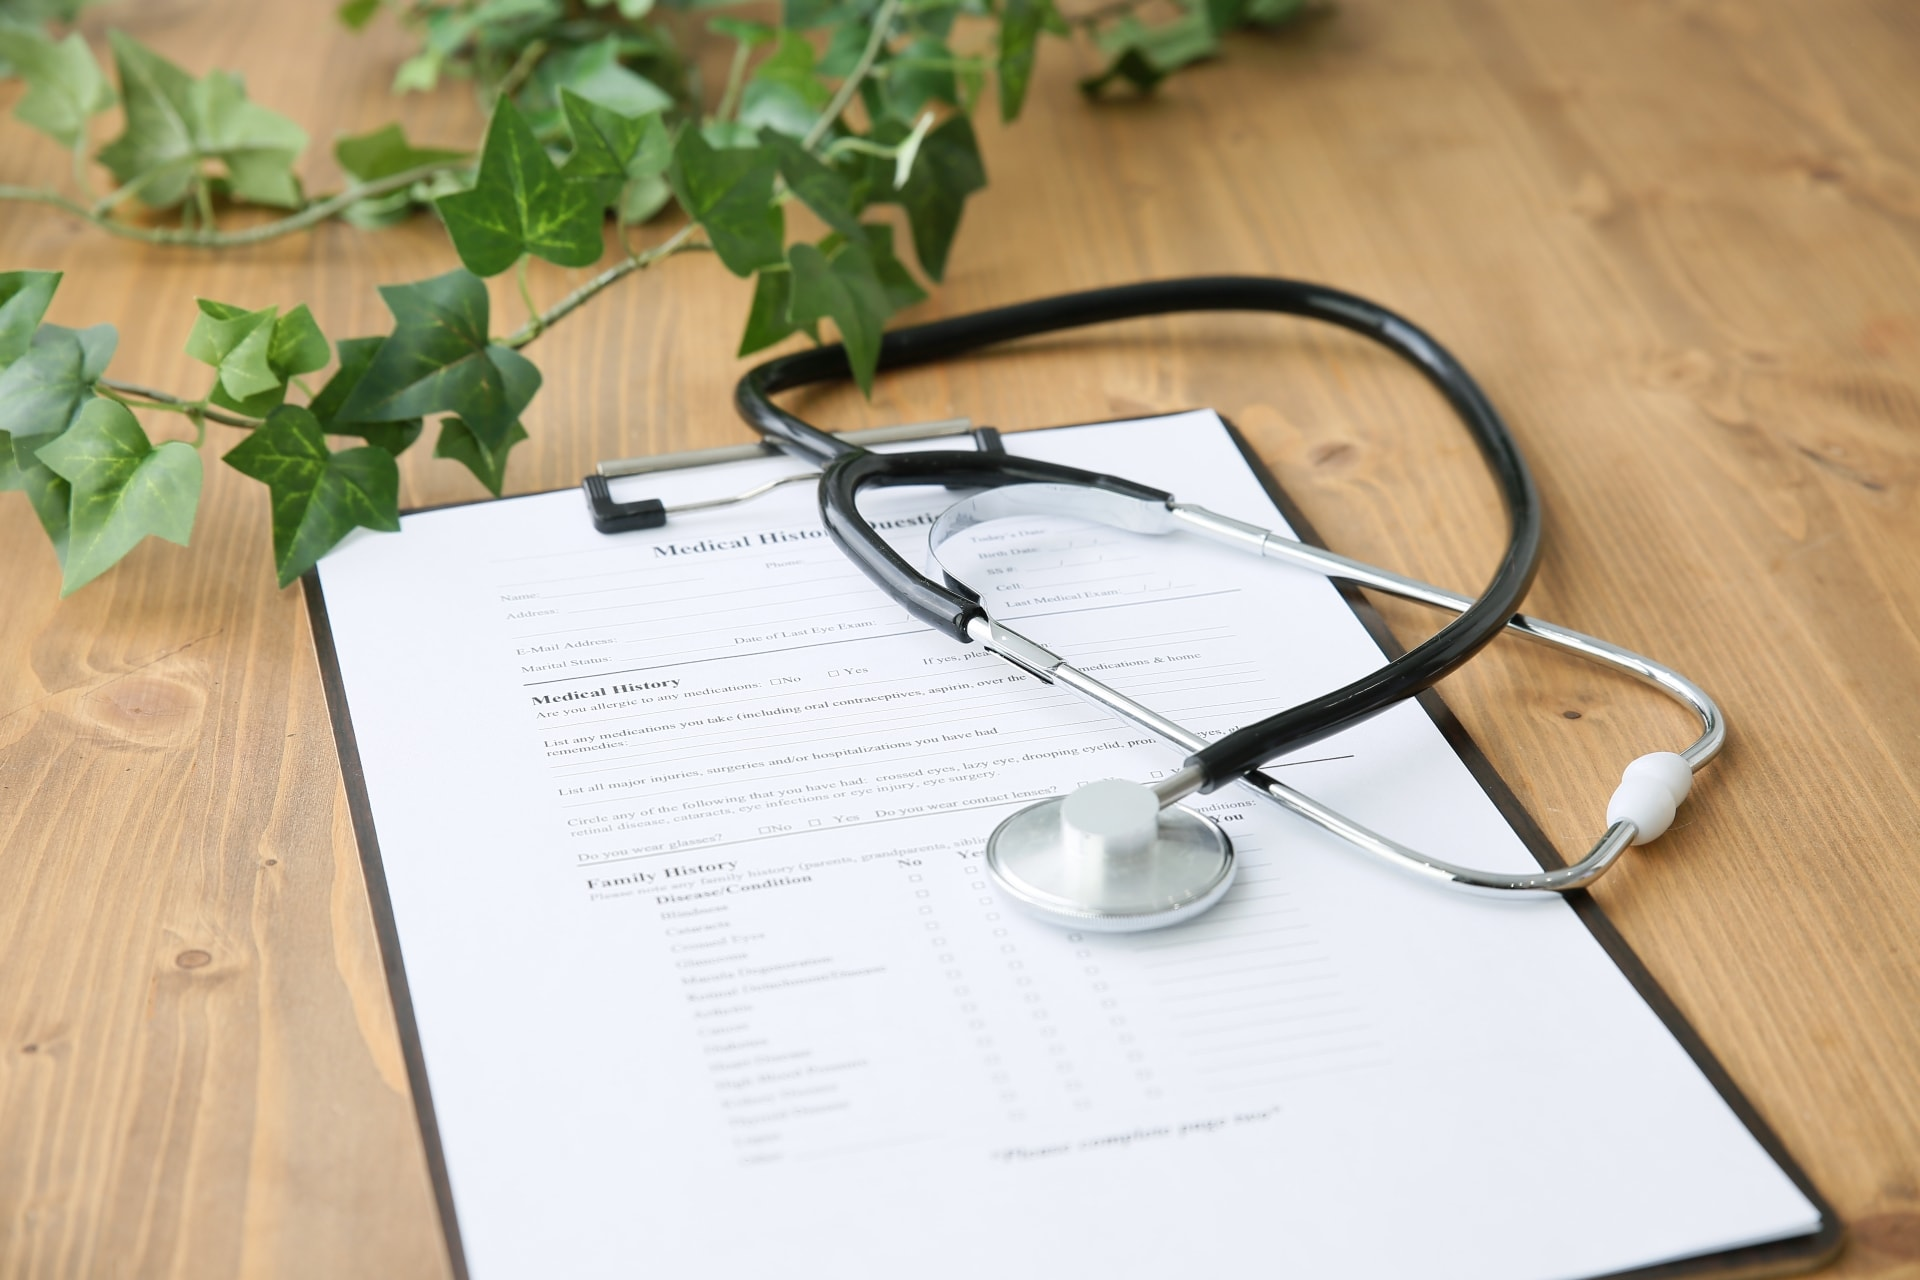 医療用ウィッグは「医療器具」とみなされるの?